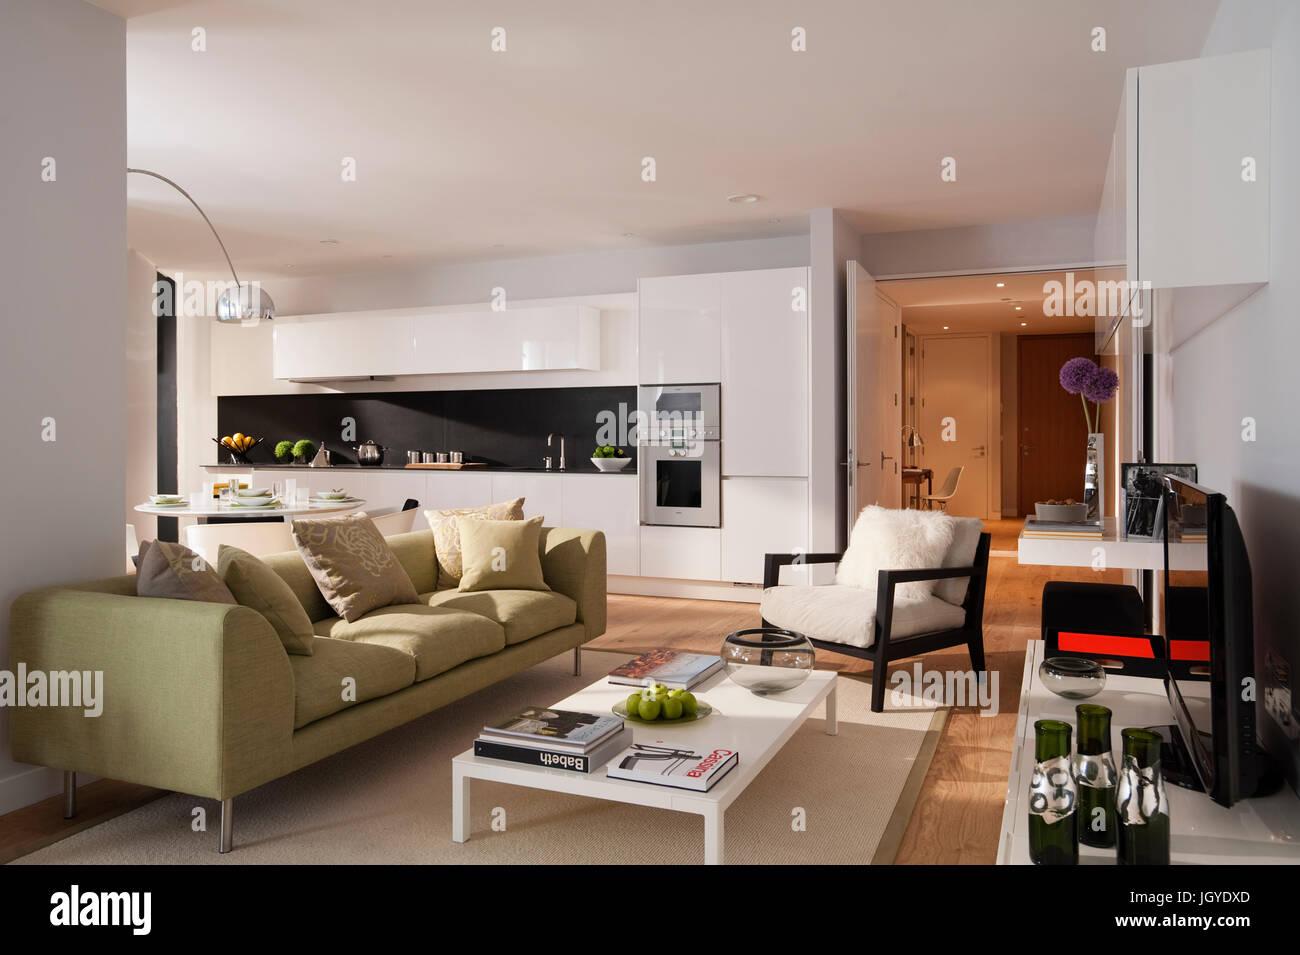 Offenen Wohnraum und Küche mit grünen sofa Stockbild